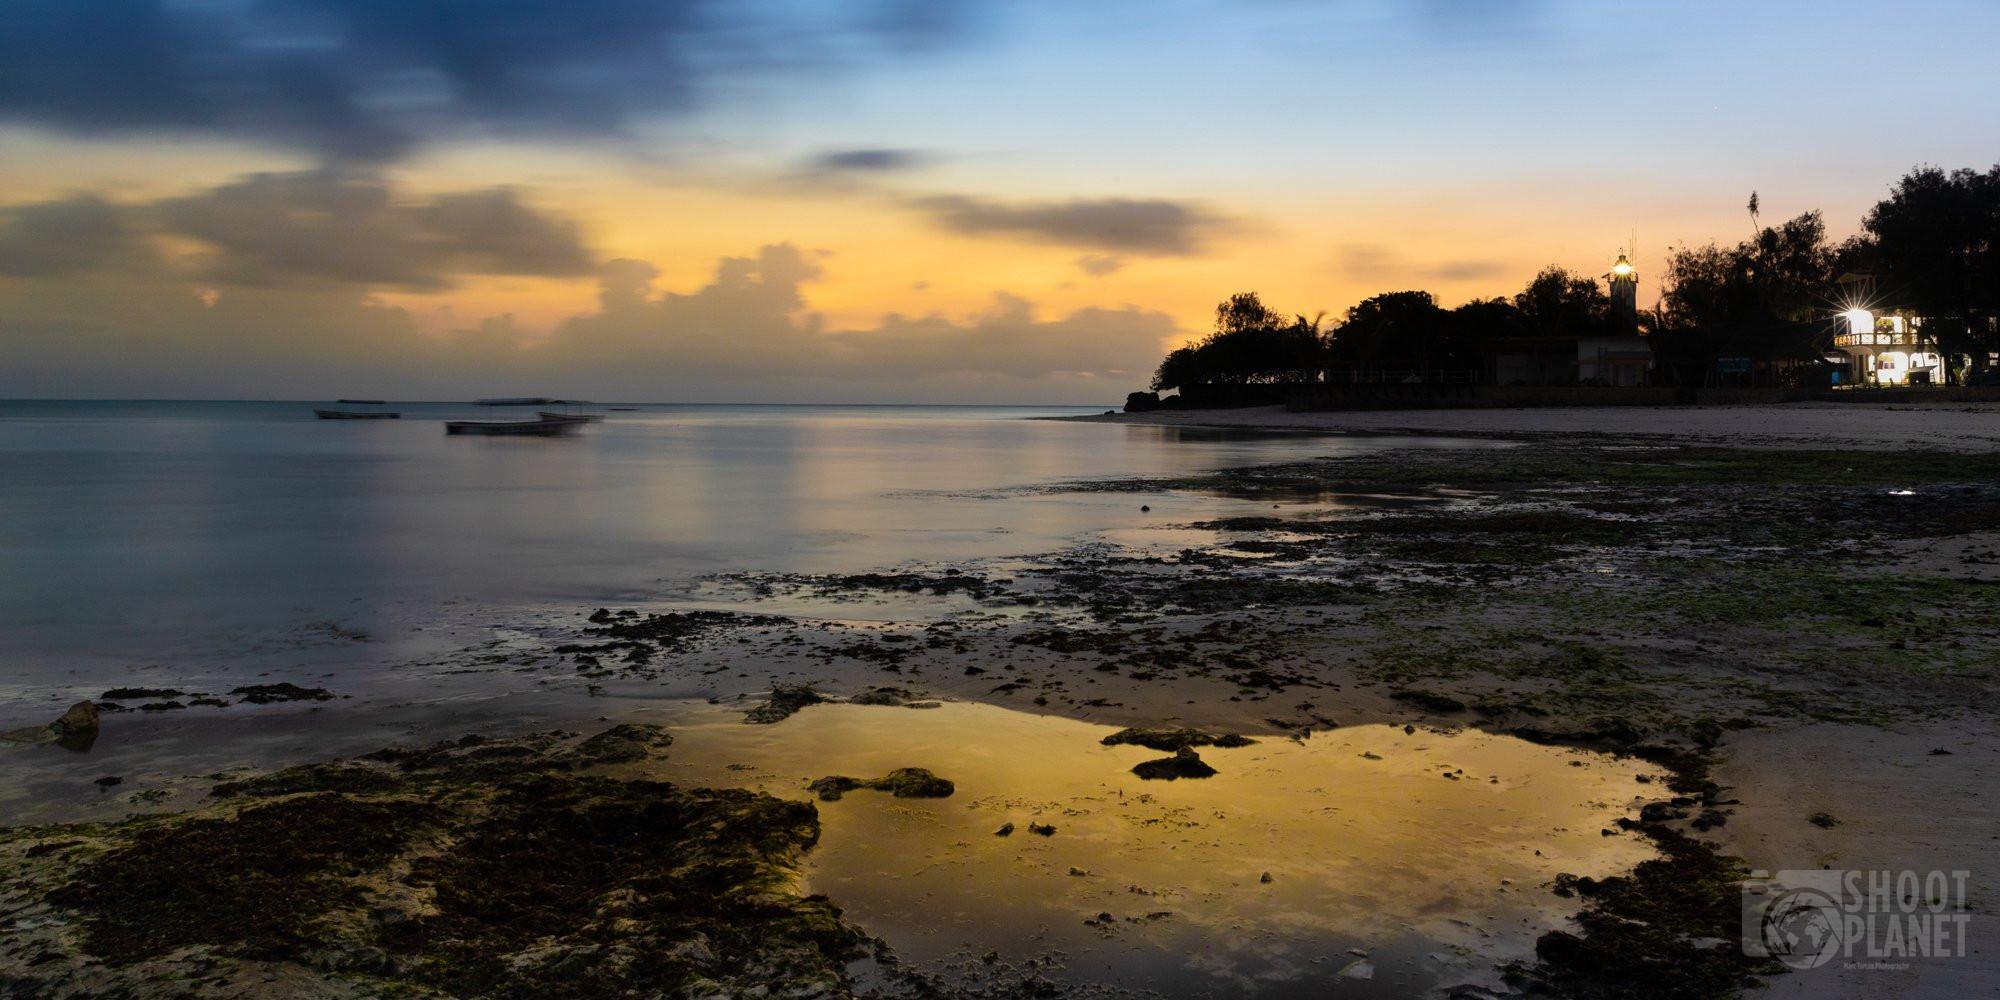 Nungwi beach sunrise reflections, Zanzibar Tanzania